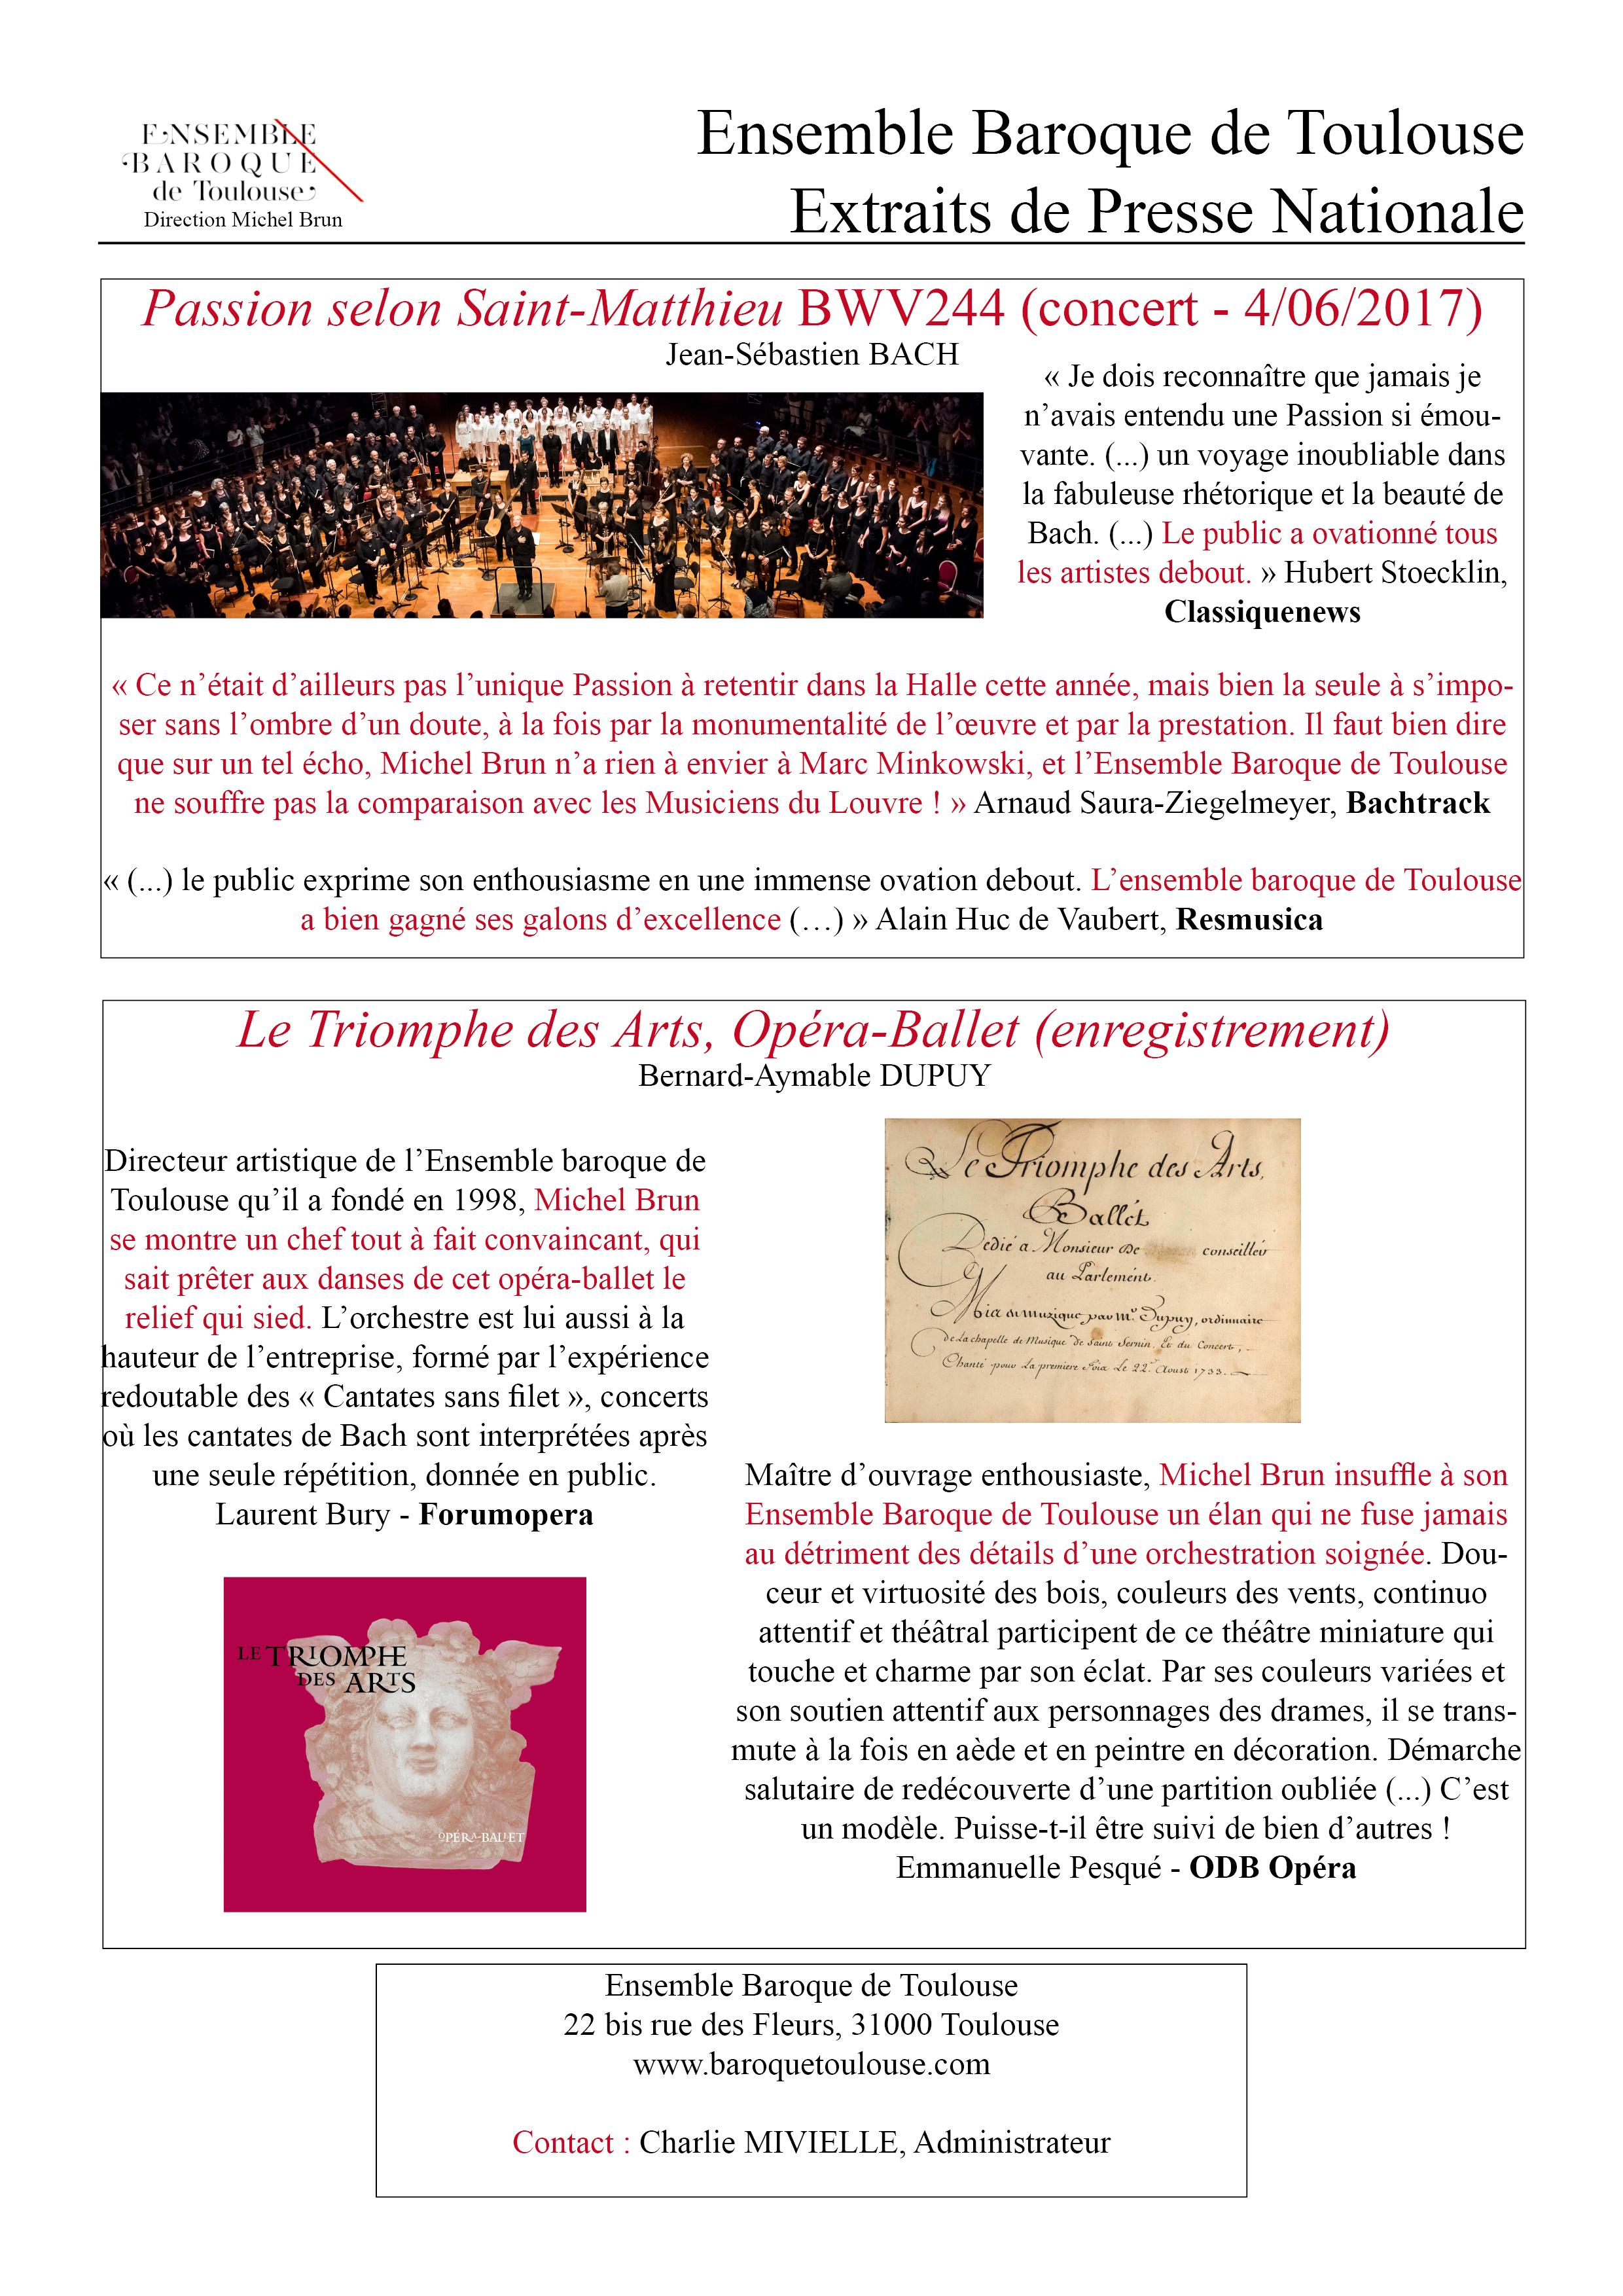 Ensemble Baroque de Toulouse - Presse Nationale